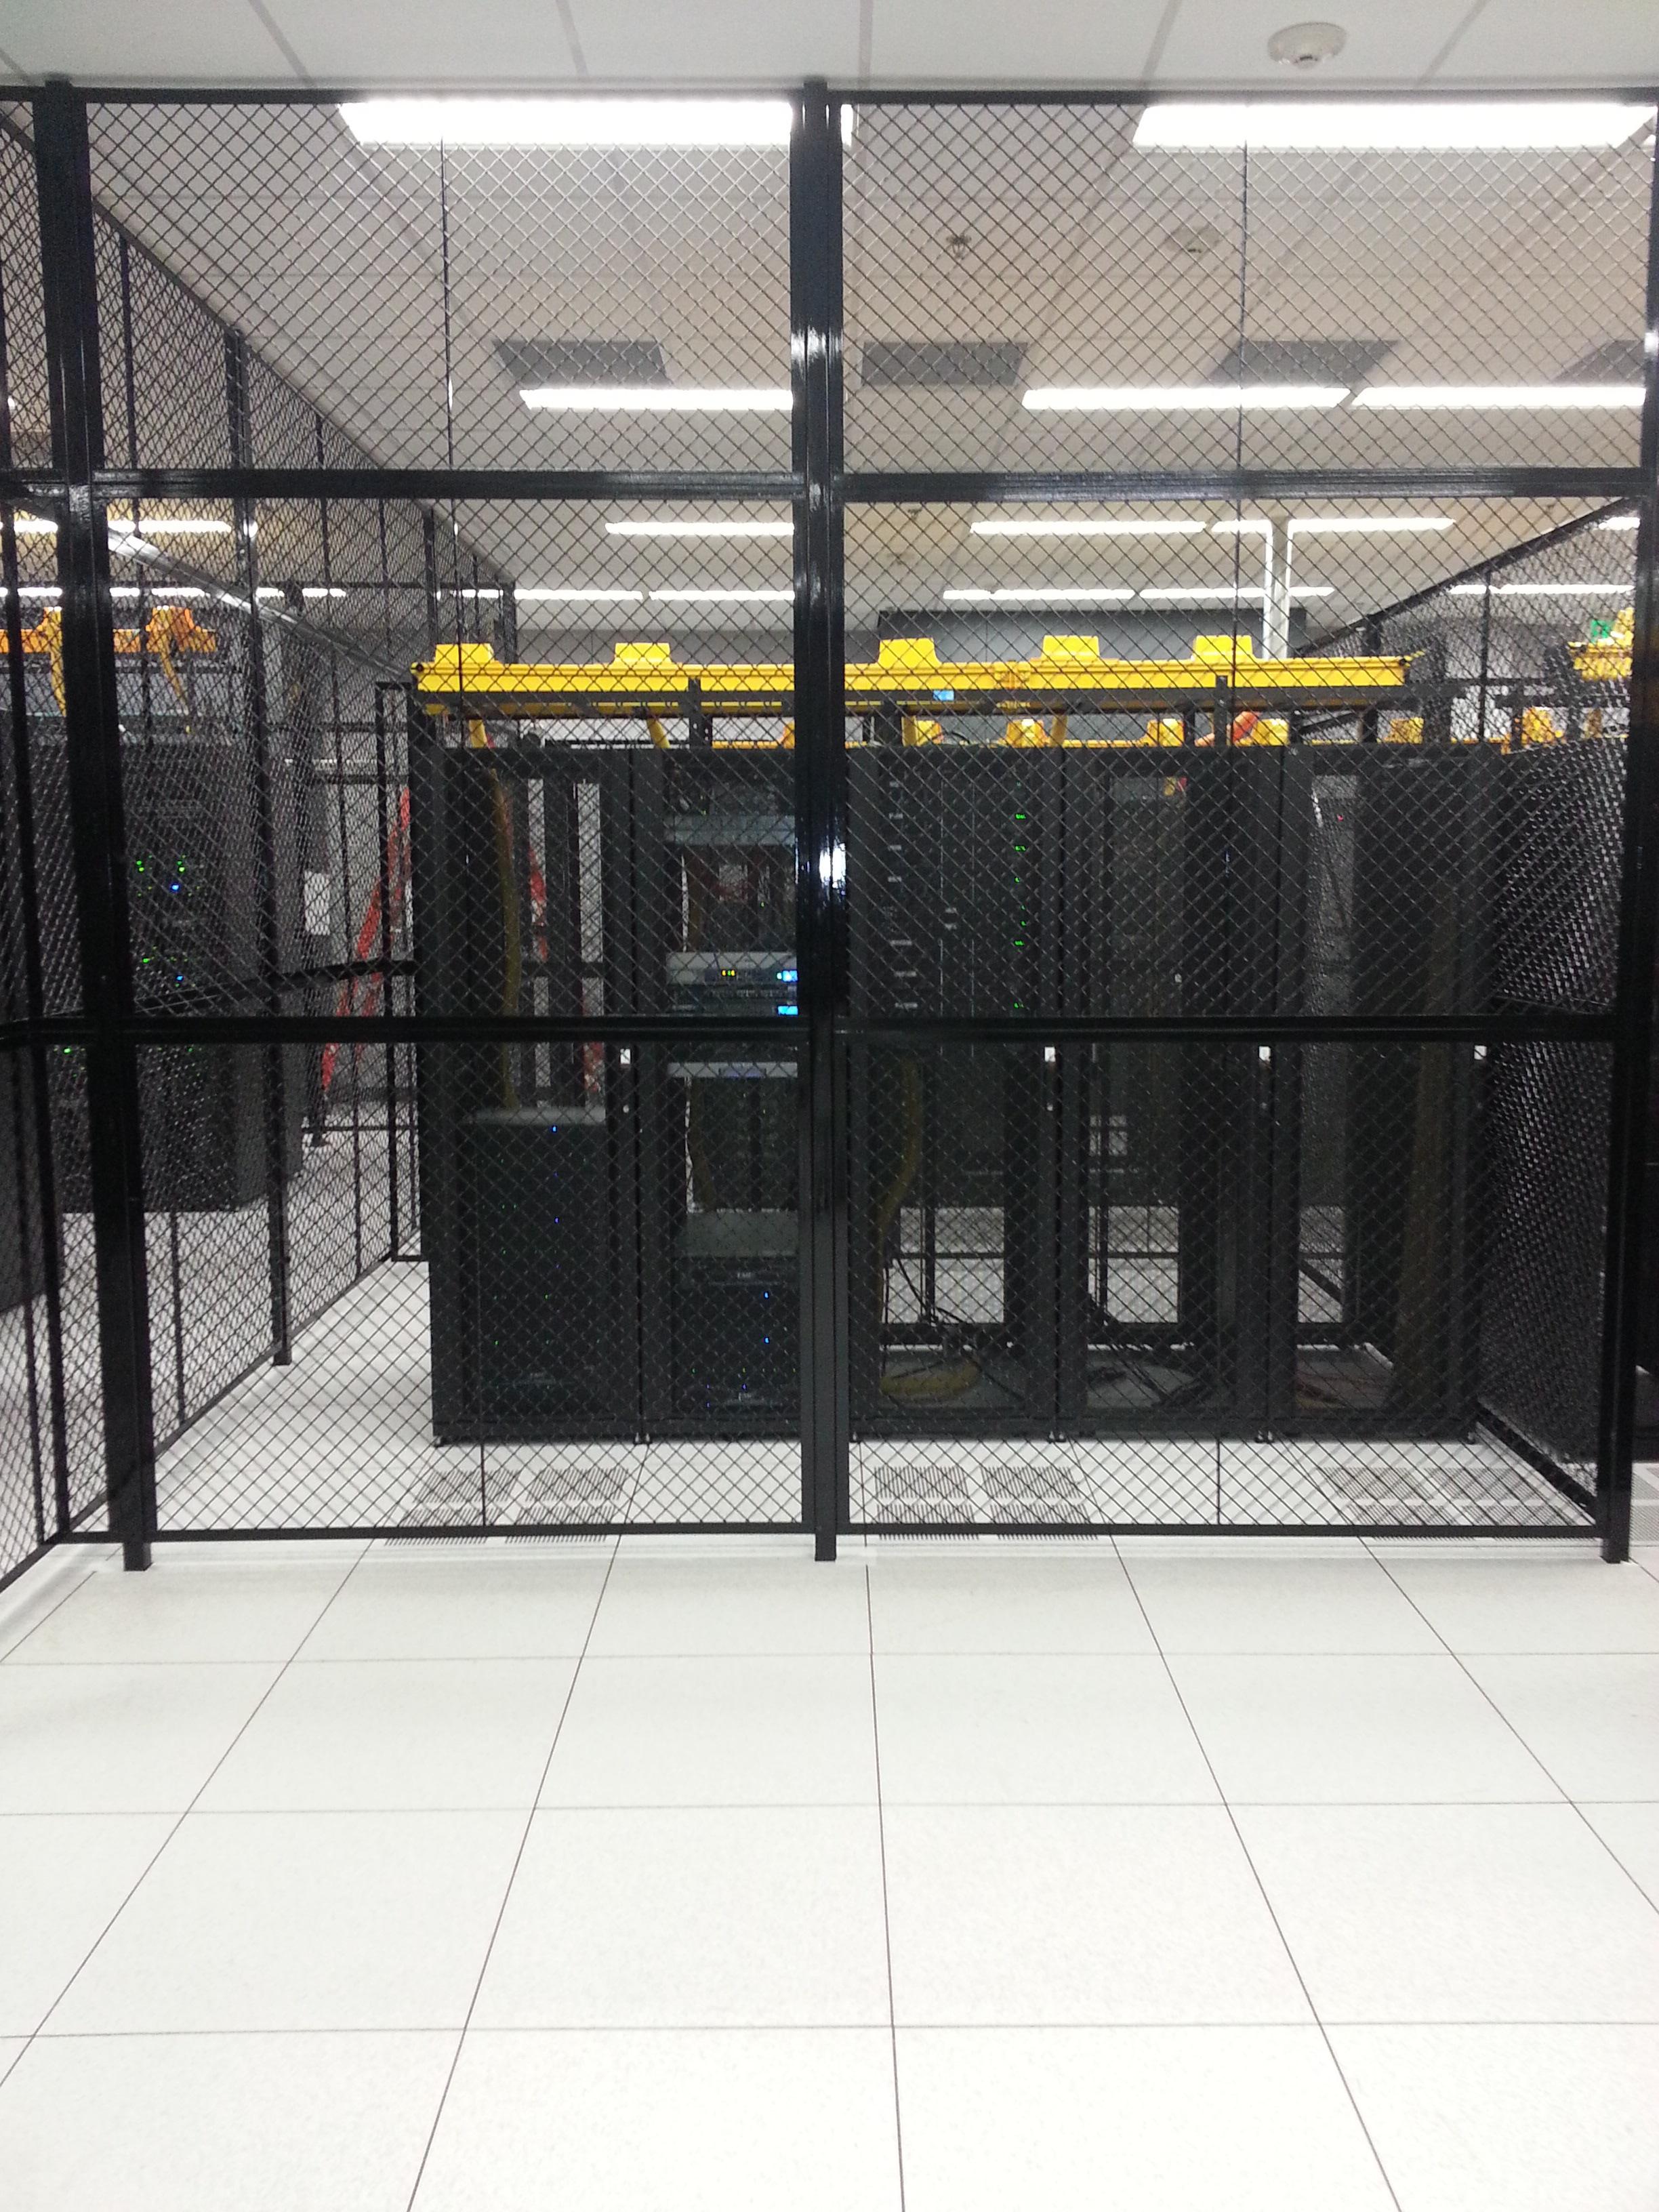 SG2000 - Data Ctr - 2 (2).jpg